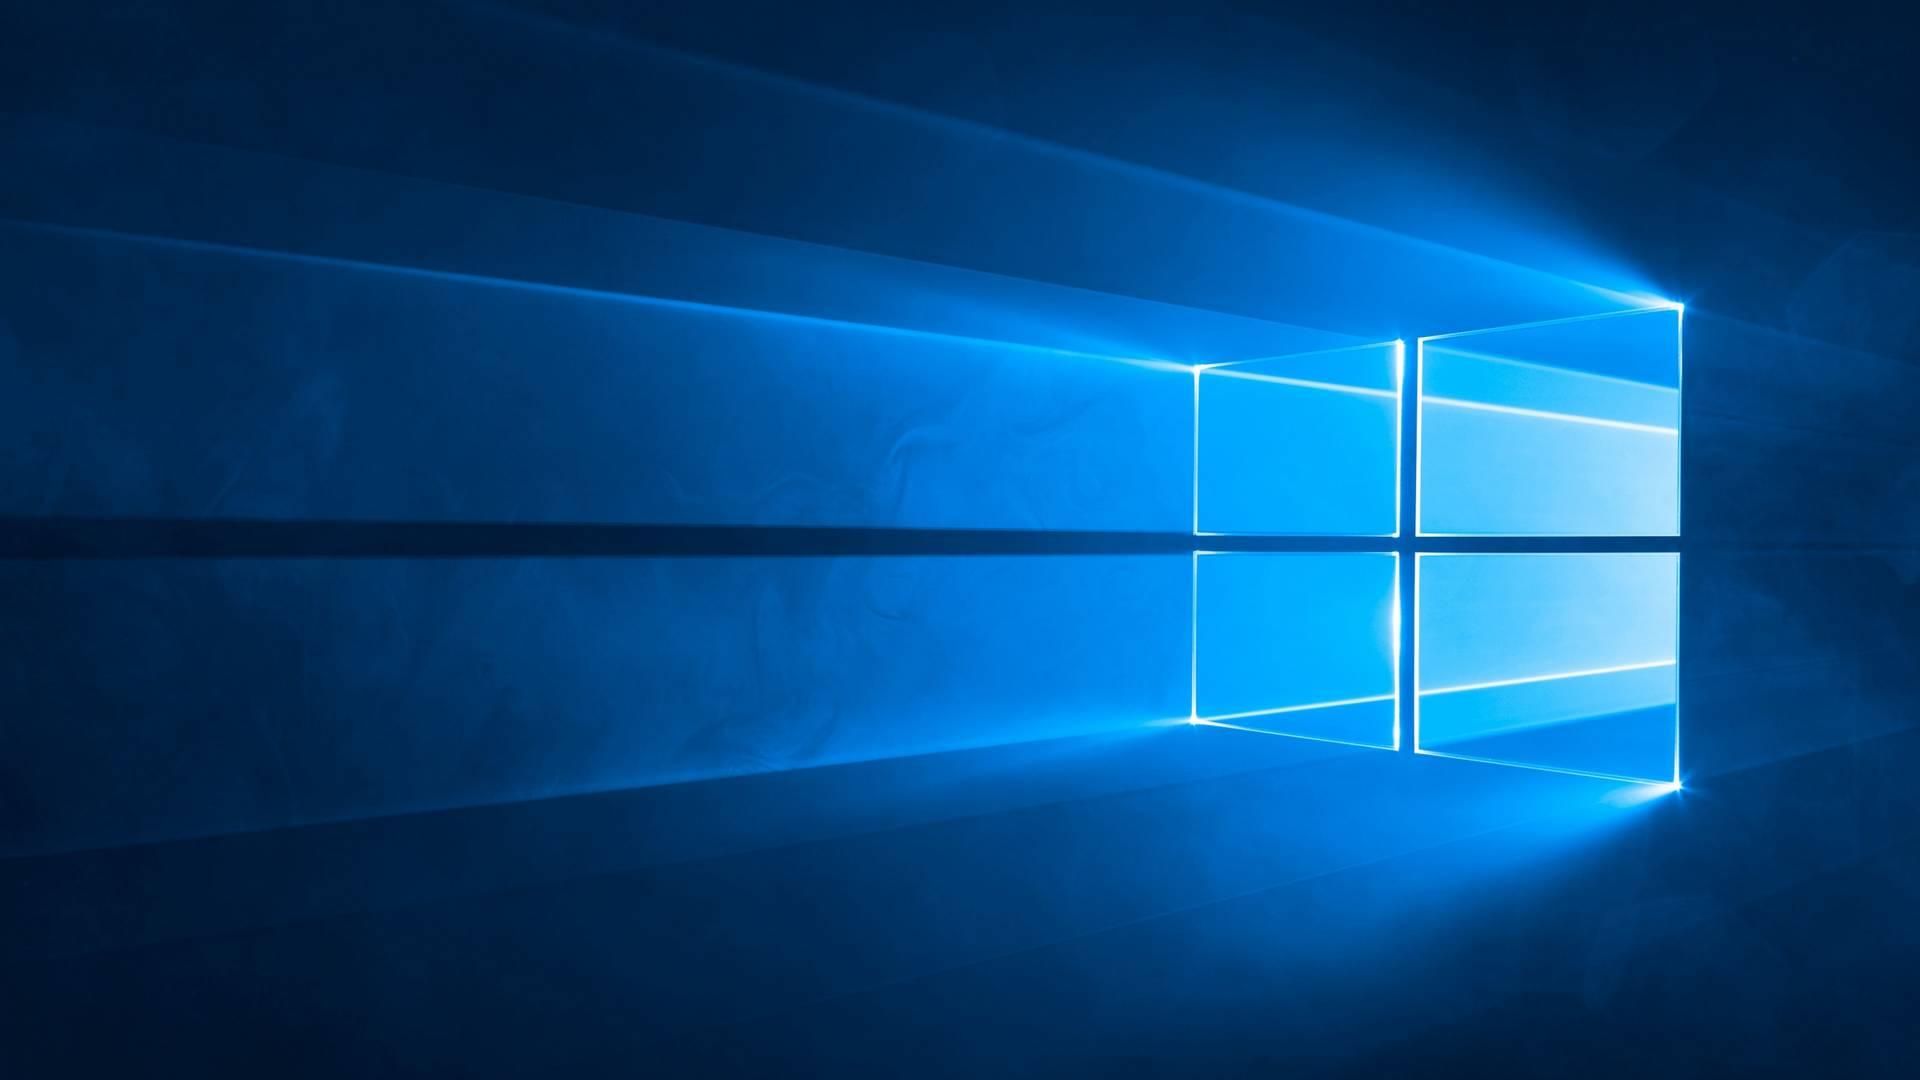 Dein Windows-10-PC braucht immer noch keinen Virenscanner